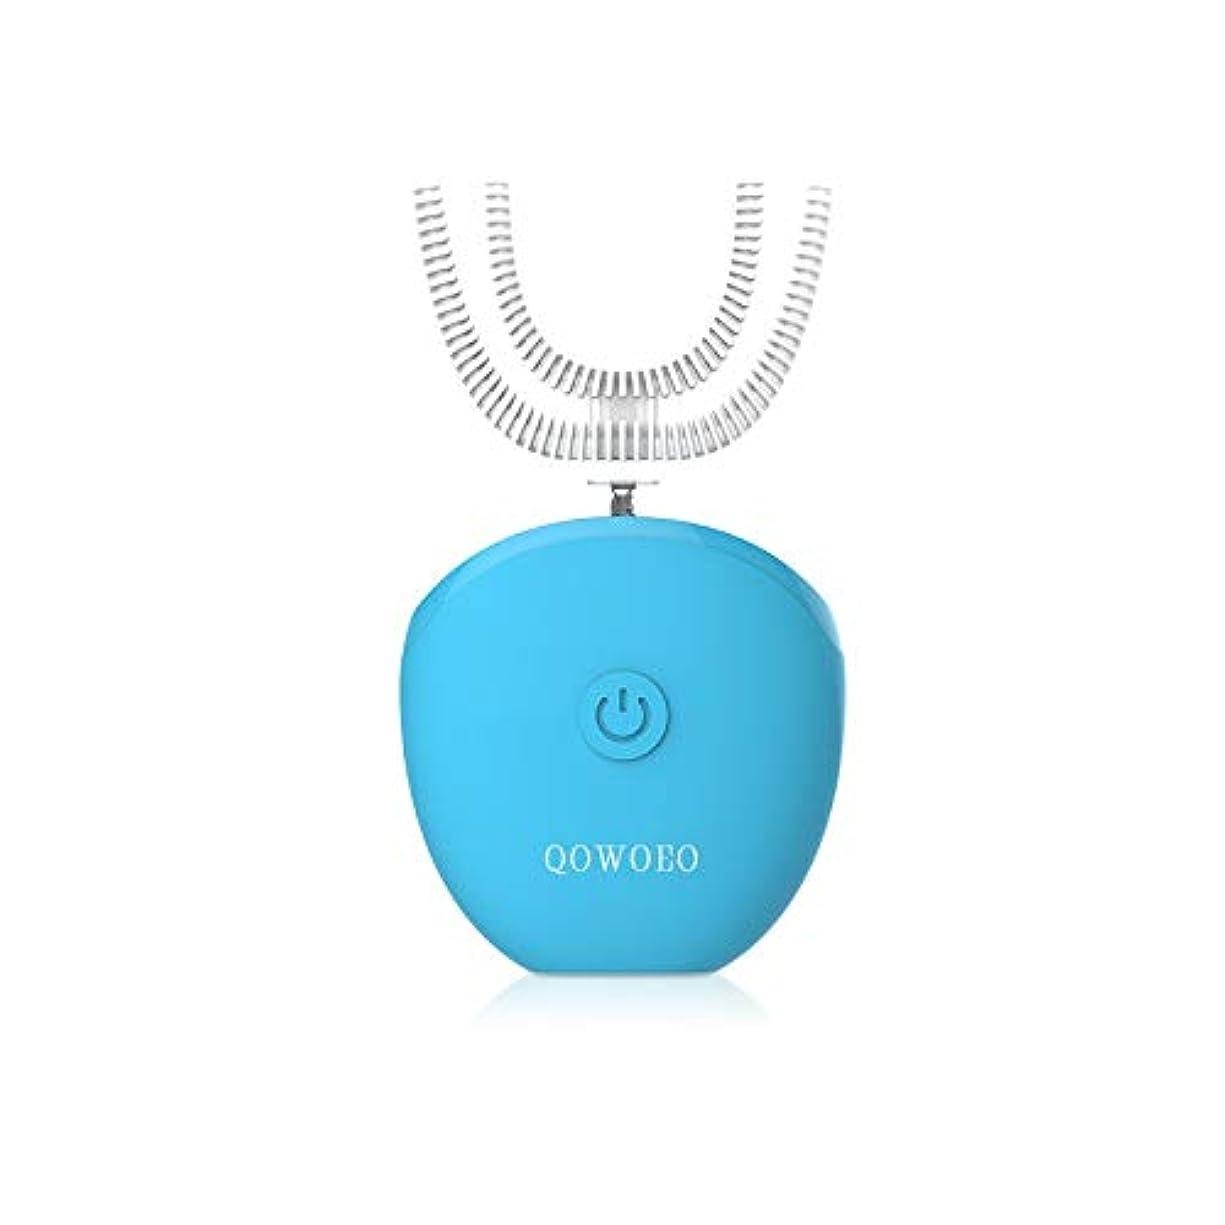 信仰分布要旨IPX7防水 怠け者牙刷-電動 U型 超音波 全方位 自動歯ブラシ ワイヤレス充電 ユニークなU字型のマウスピース わずか15秒で歯磨き 自動バブル 冷光ホワイトニング 口腔健康用ツール (青)